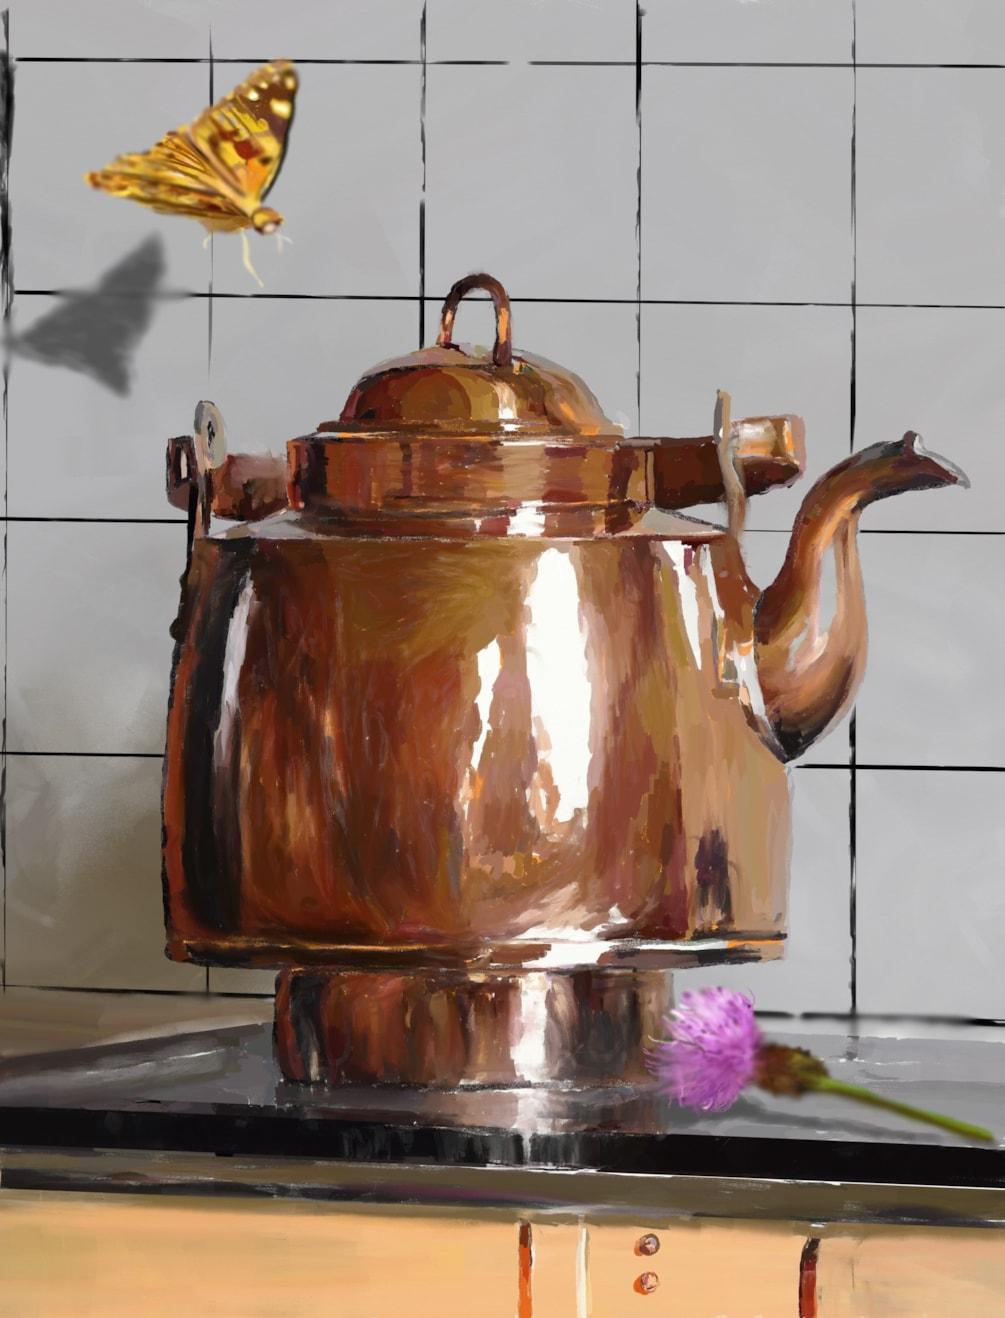 Copper Kettle (RePost)